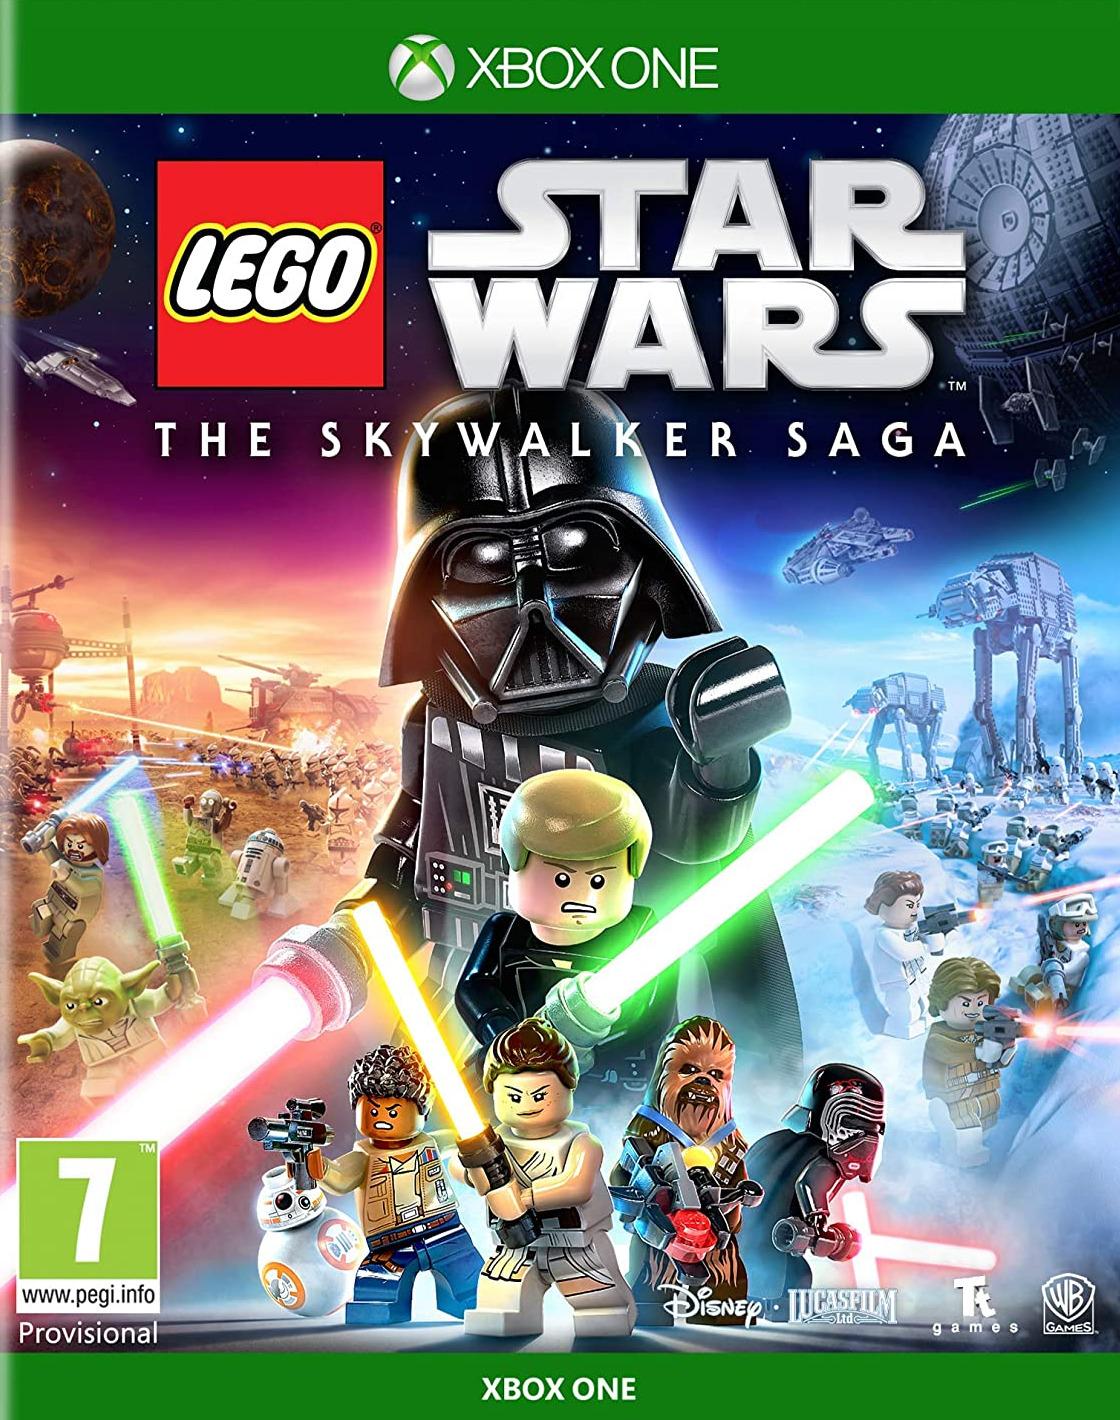 Lego Star Wars: The Skywalker Saga (XONE)